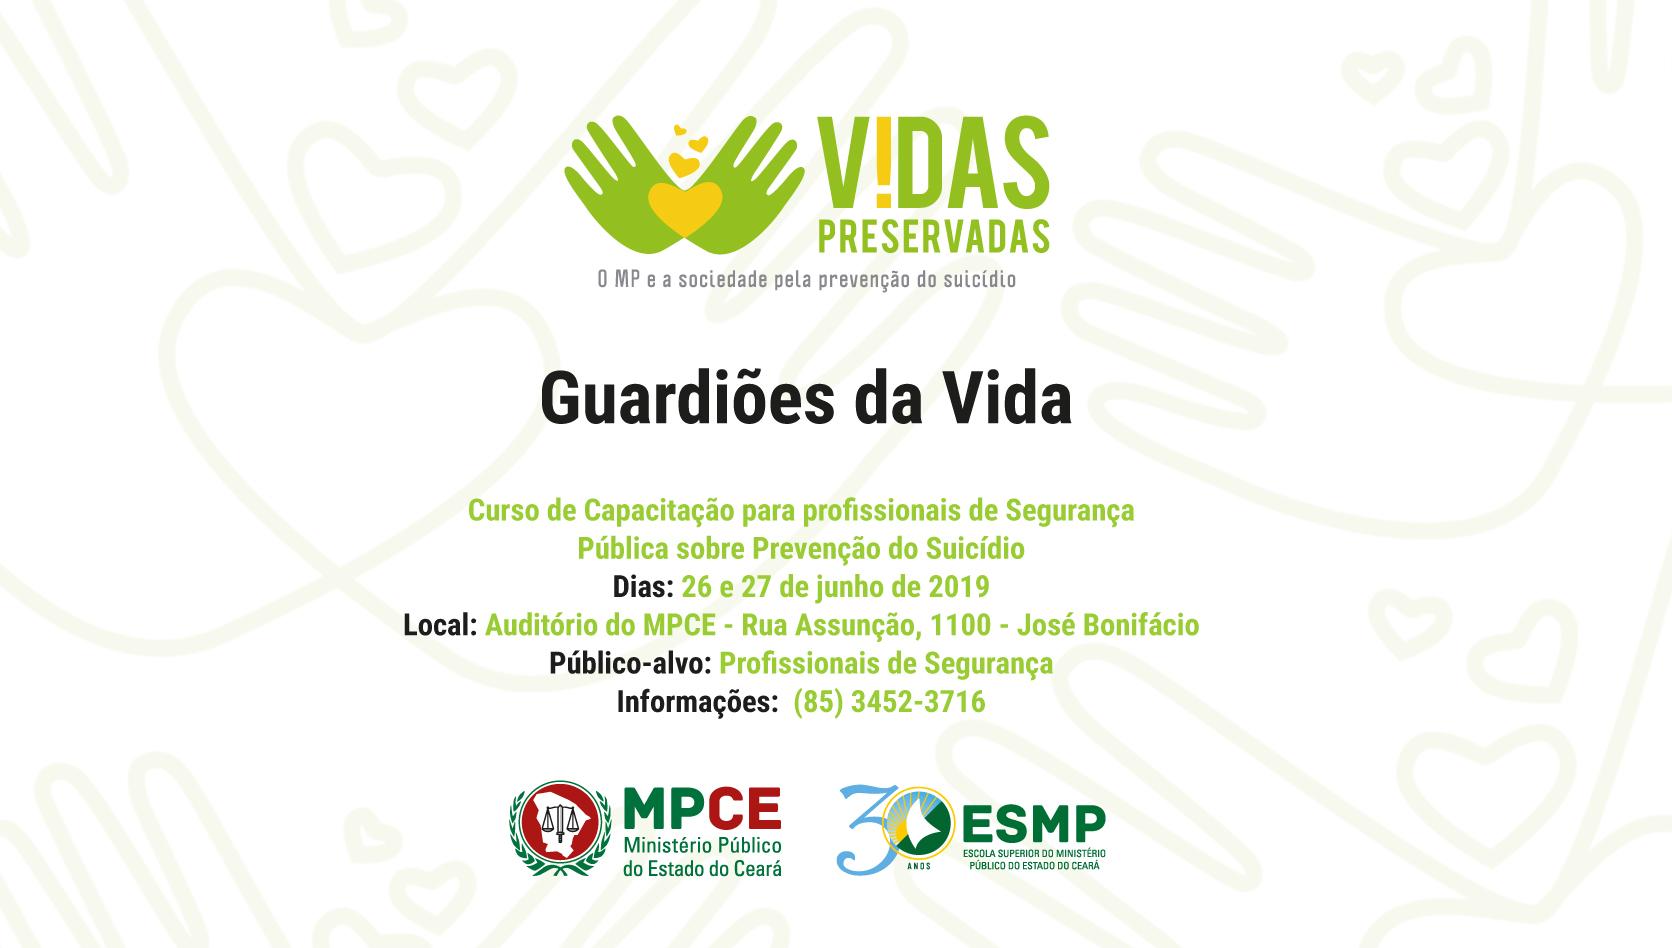 Curso de Capacitação para profissionais de Segurança Pública sobre Prevenção do Suicídio